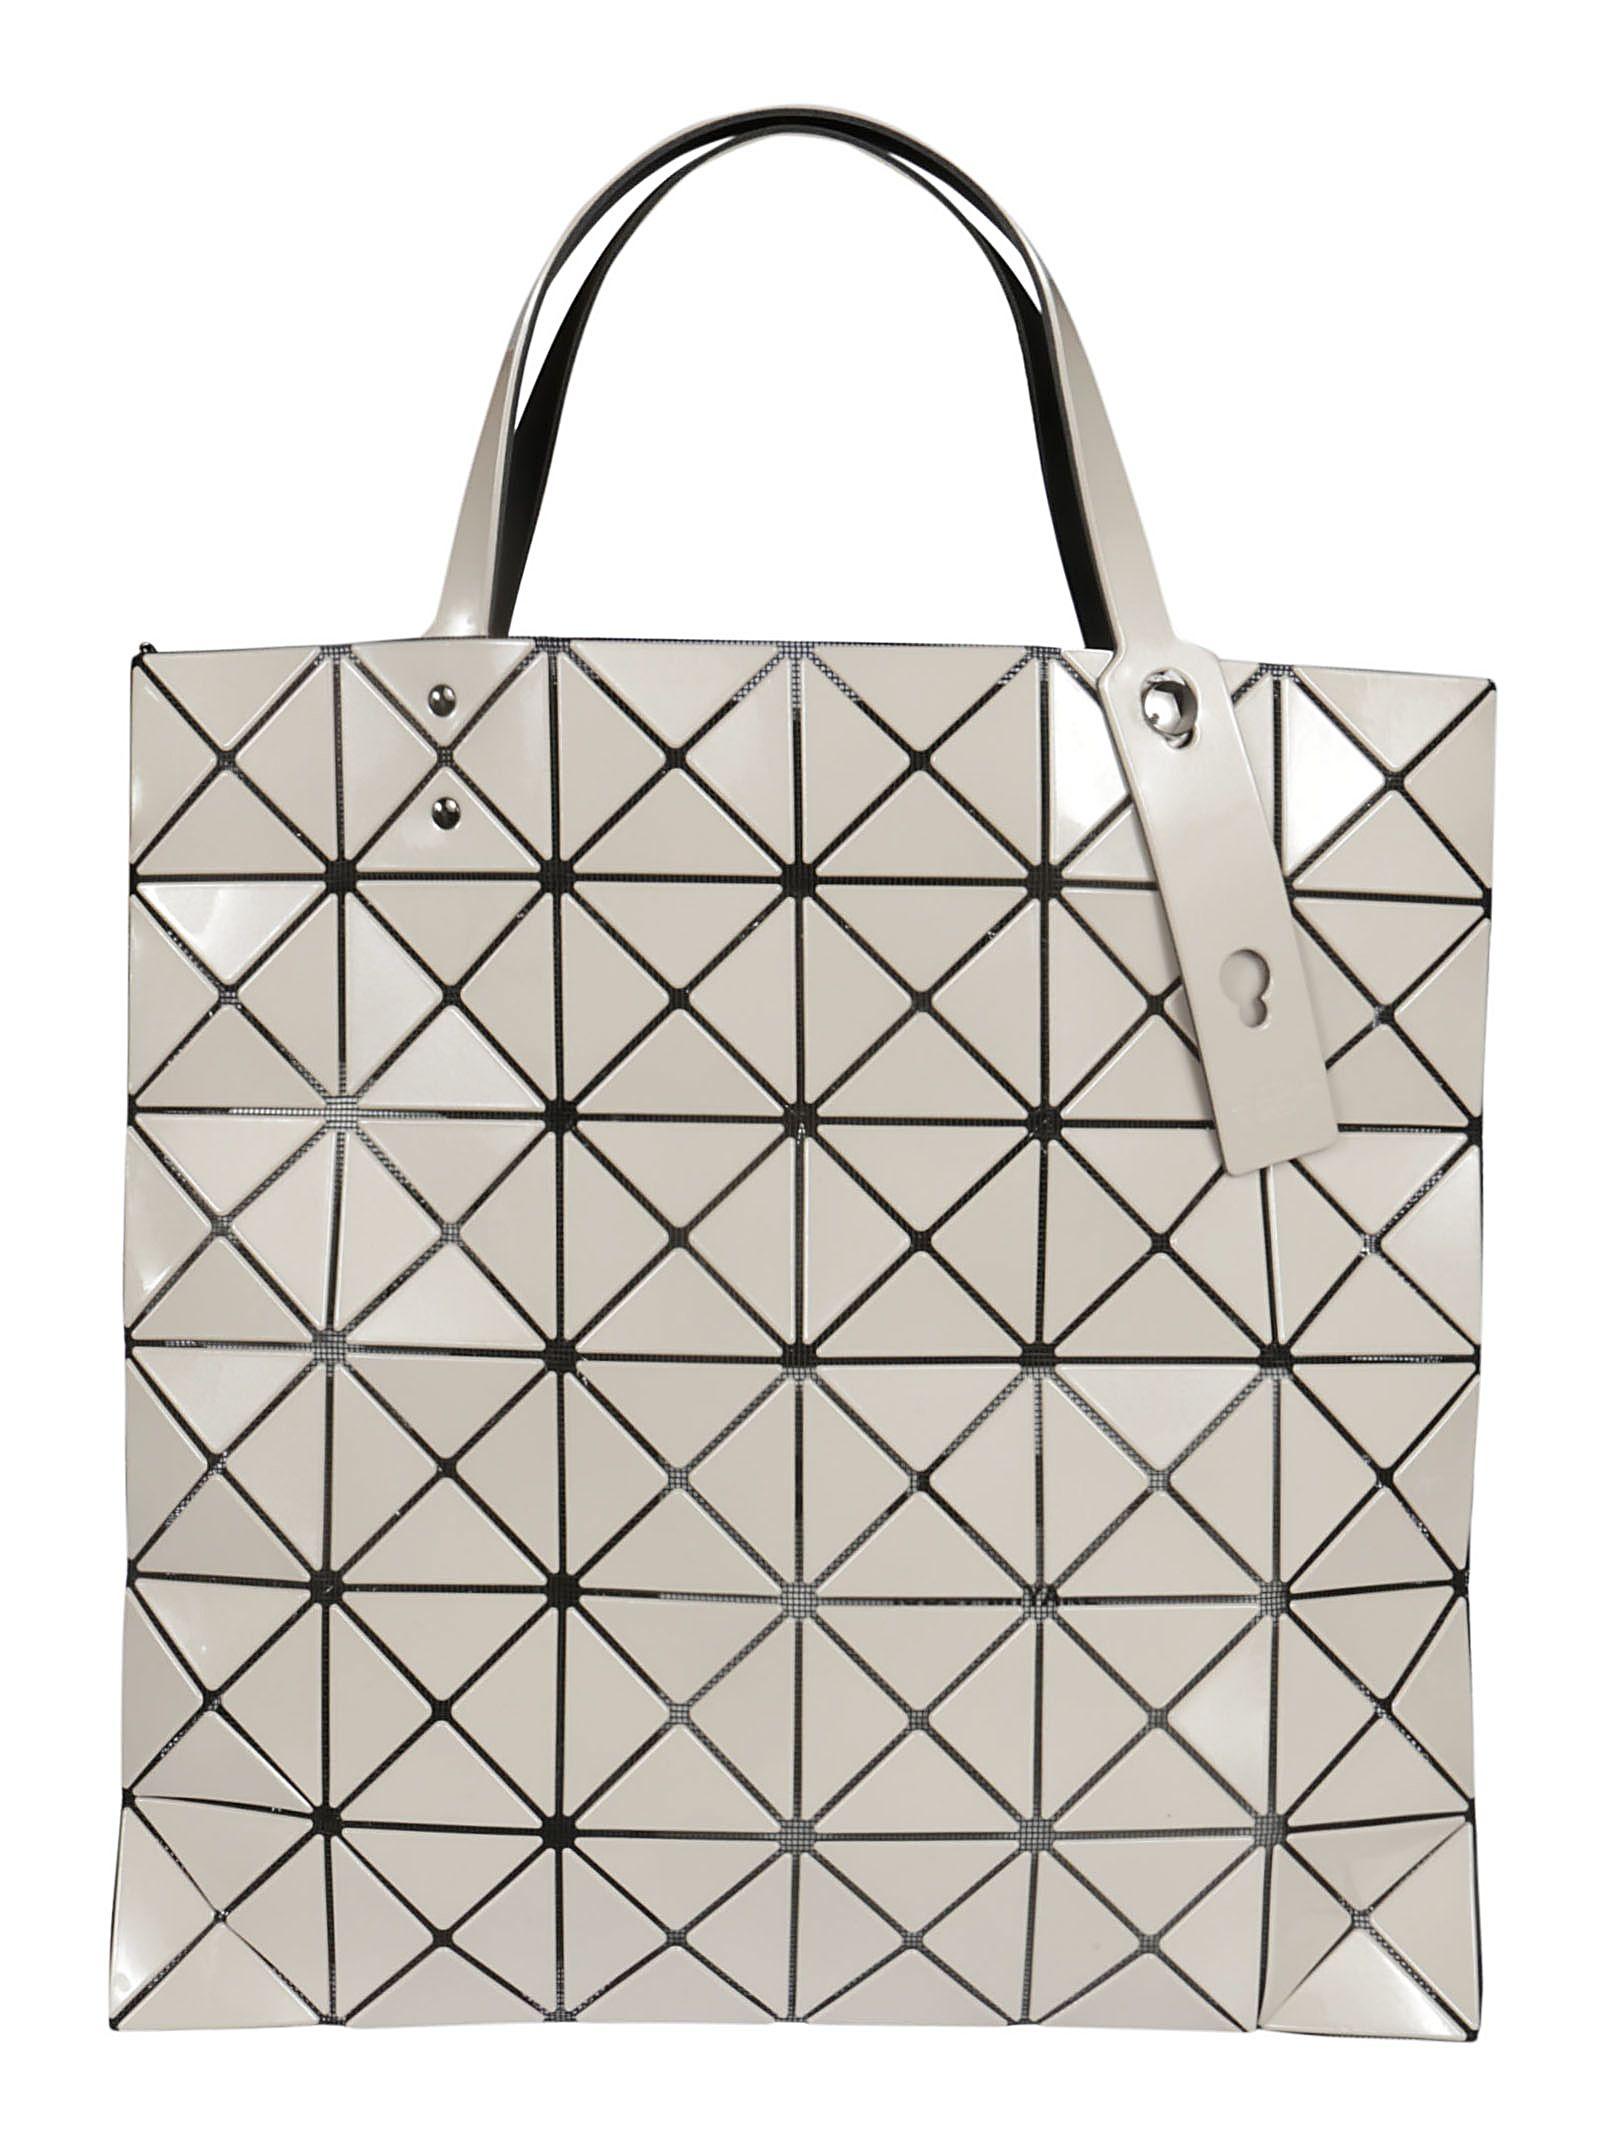 46bd3cf1e3 Bao Bao Issey Miyake Geometric Shopper Bag In Beige